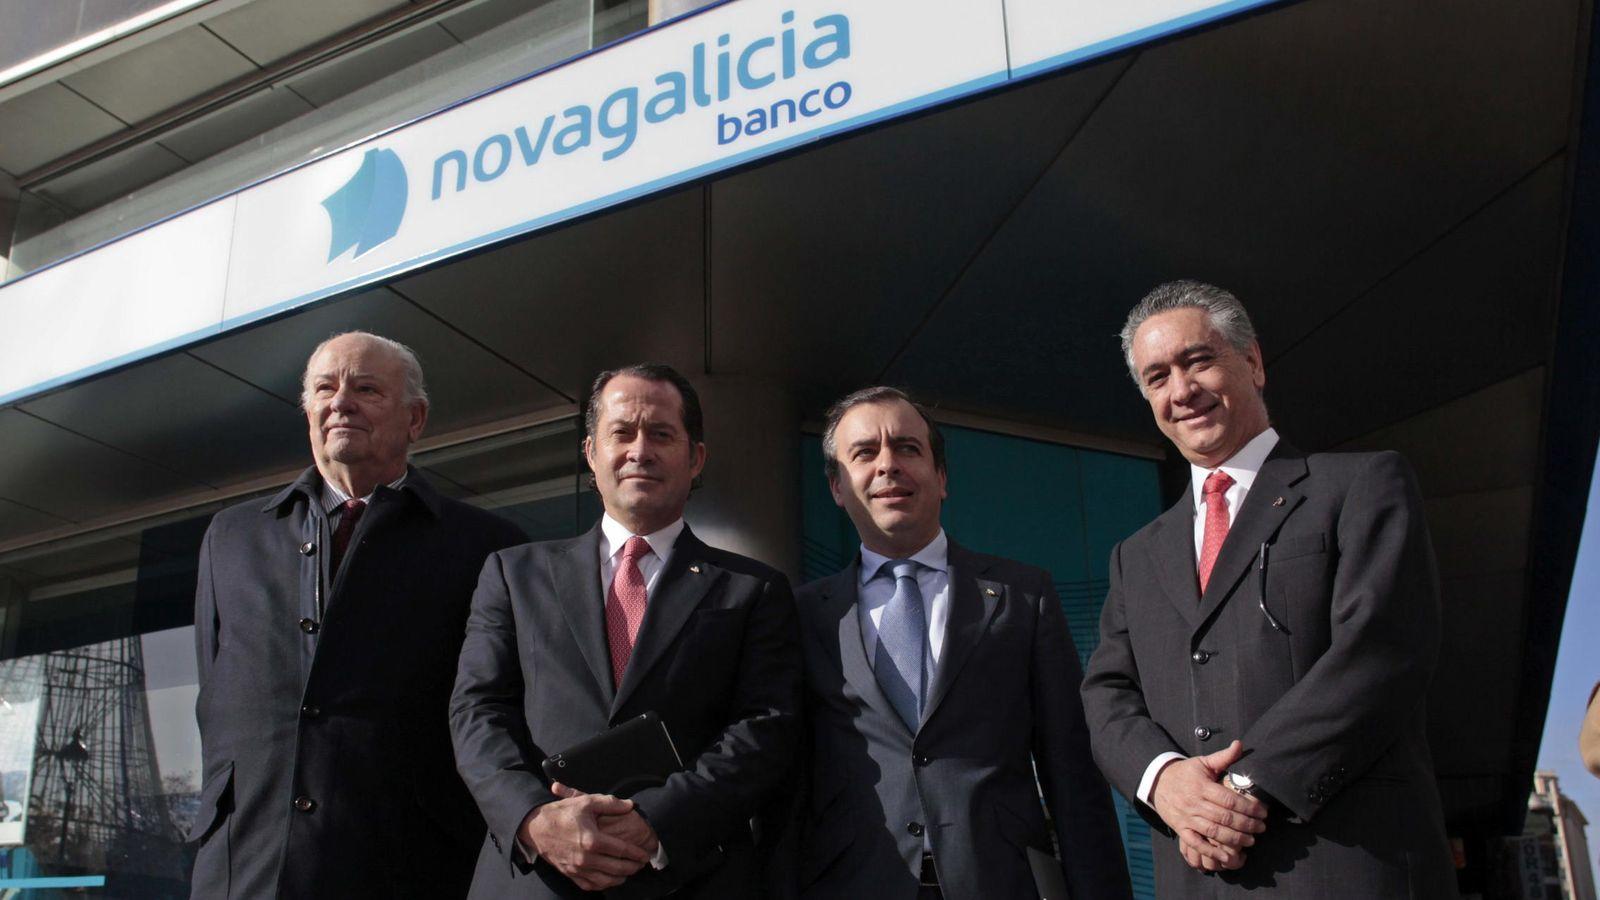 Foto: l presidente de Banesco, Juan Carlos Escotet (2i), acompañado por el presidente del Banco Etcheverría, Javier Etcheverría (i) y su consejero delegado Francisco Botas. (EFE)